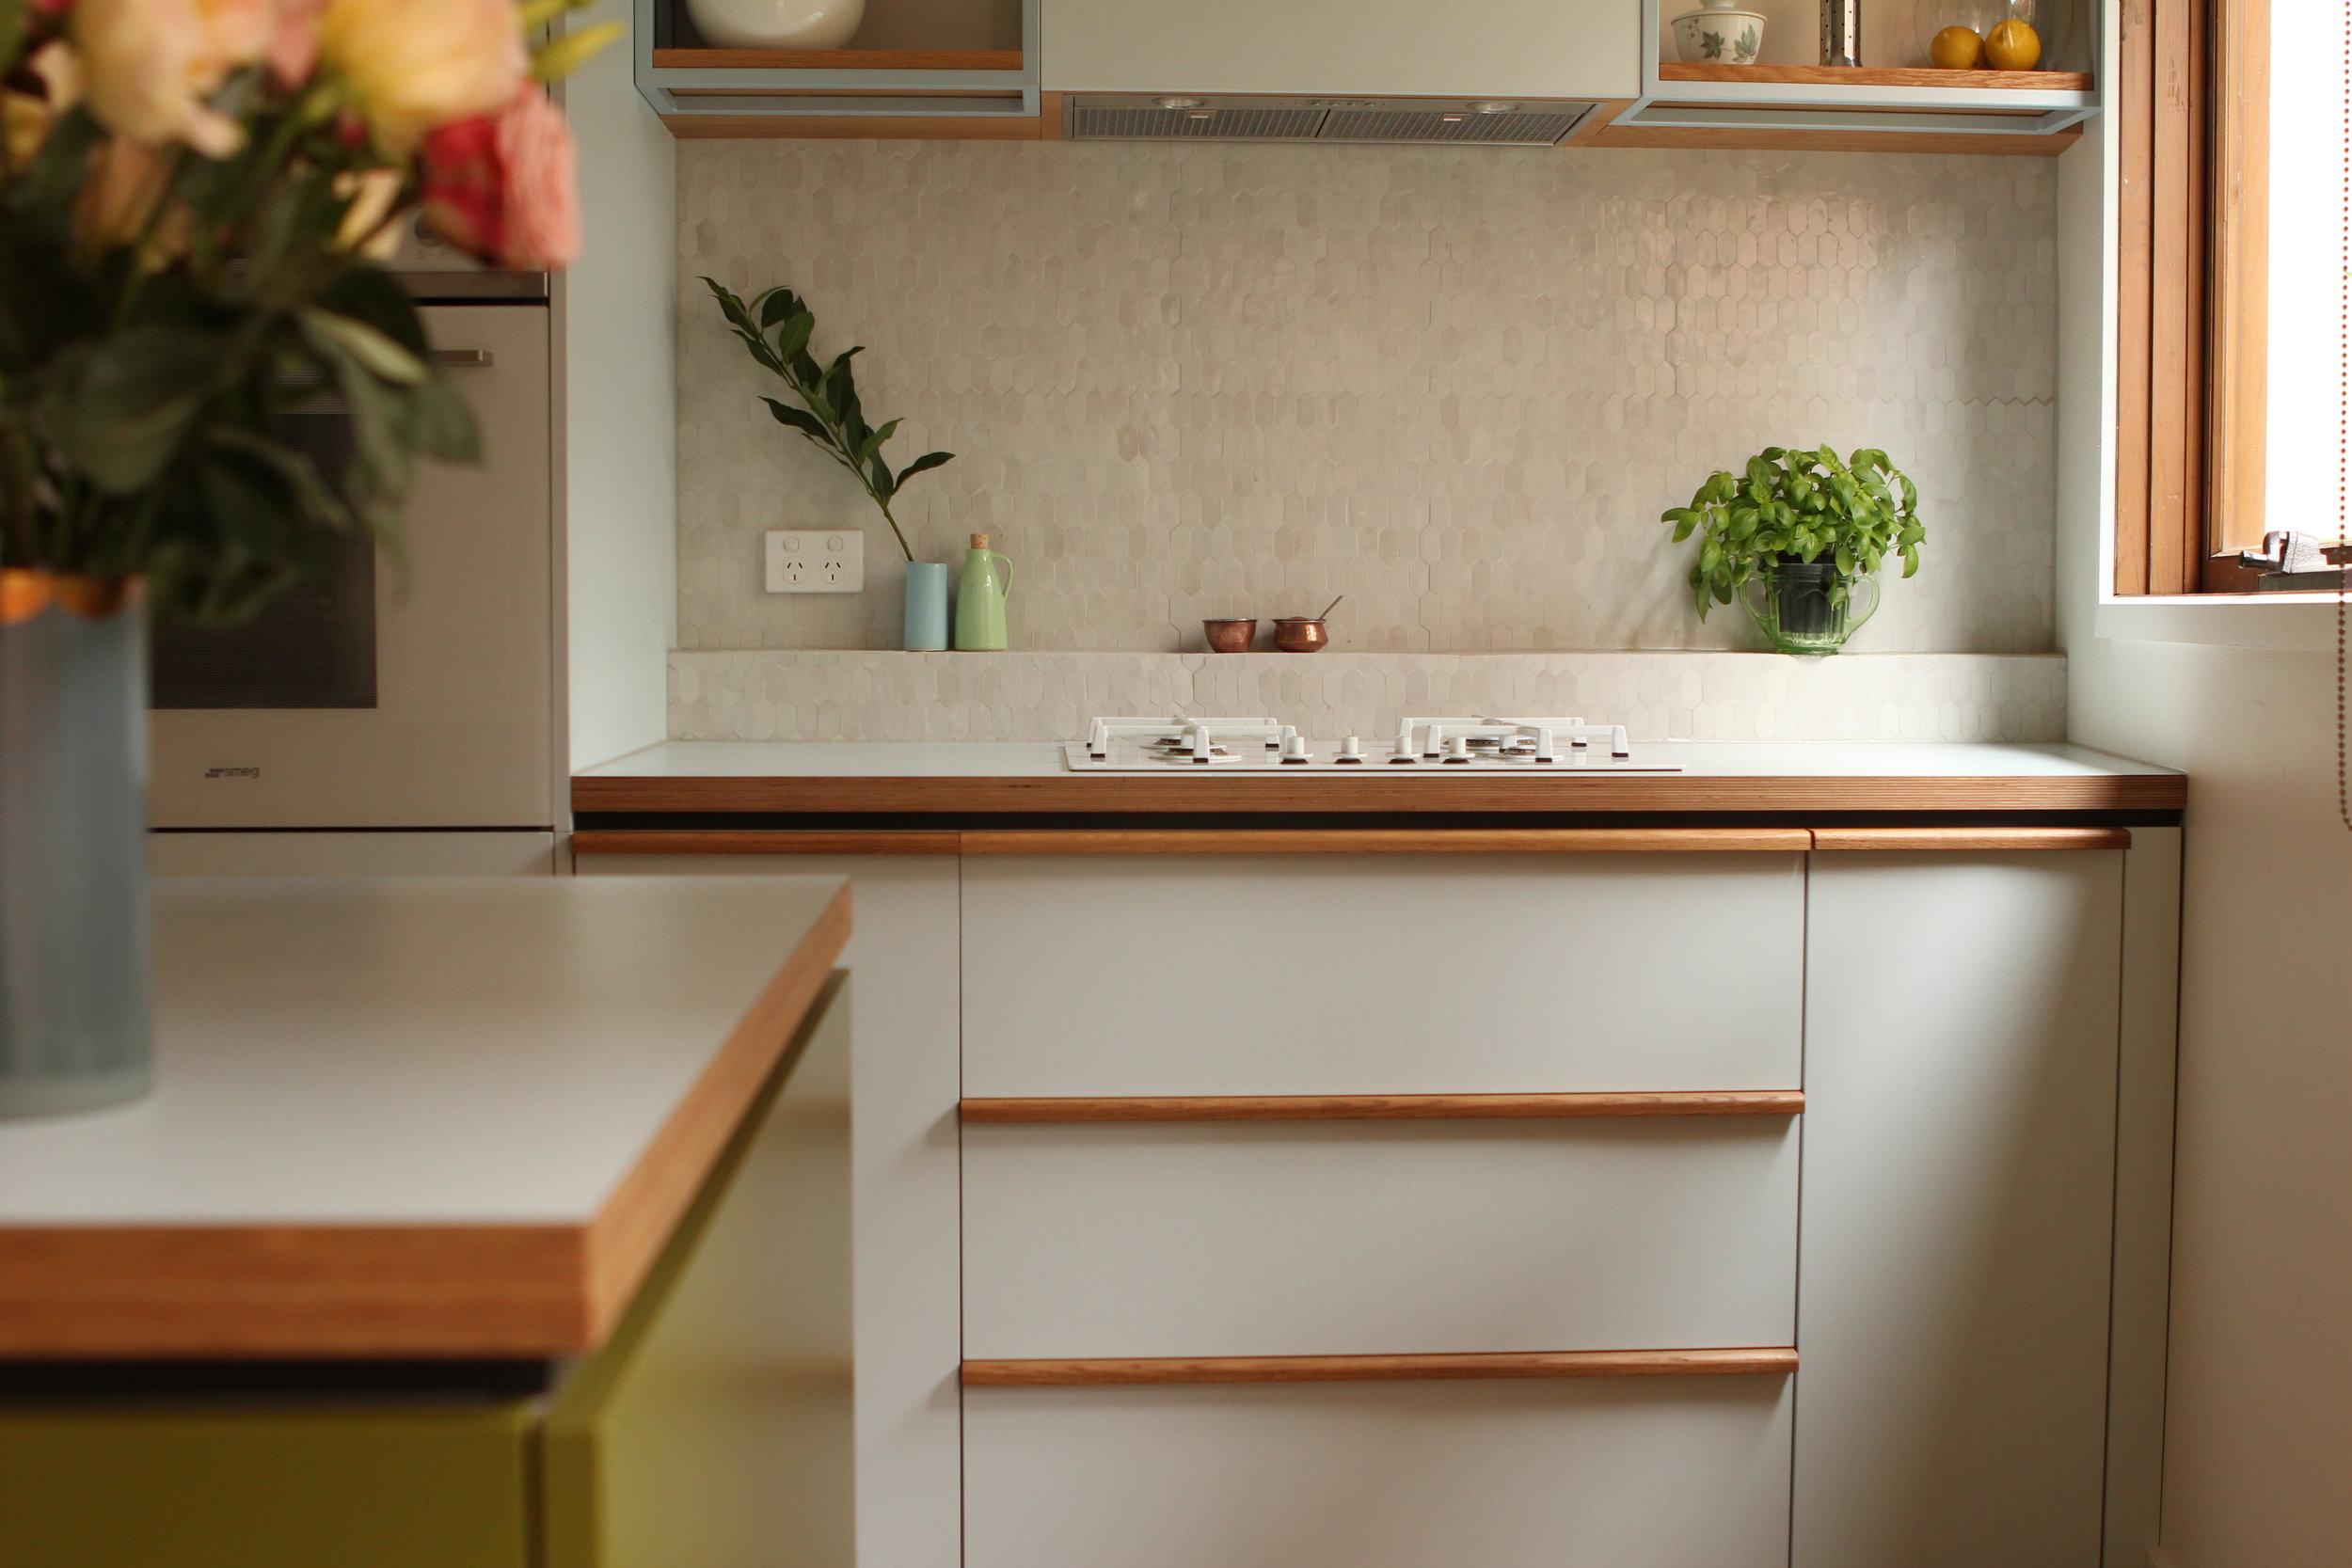 Kitchen handle detail